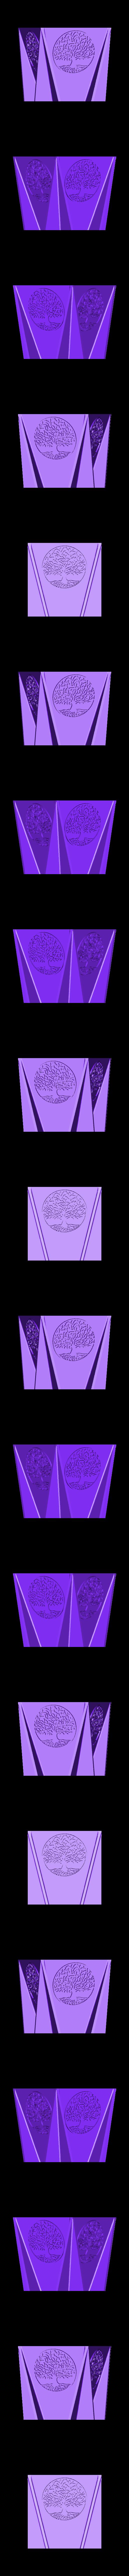 Flower plot squarehole.stl Télécharger fichier STL POT DE FLEUR AVEC ARBRE DE VIE • Modèle imprimable en 3D, SNG06